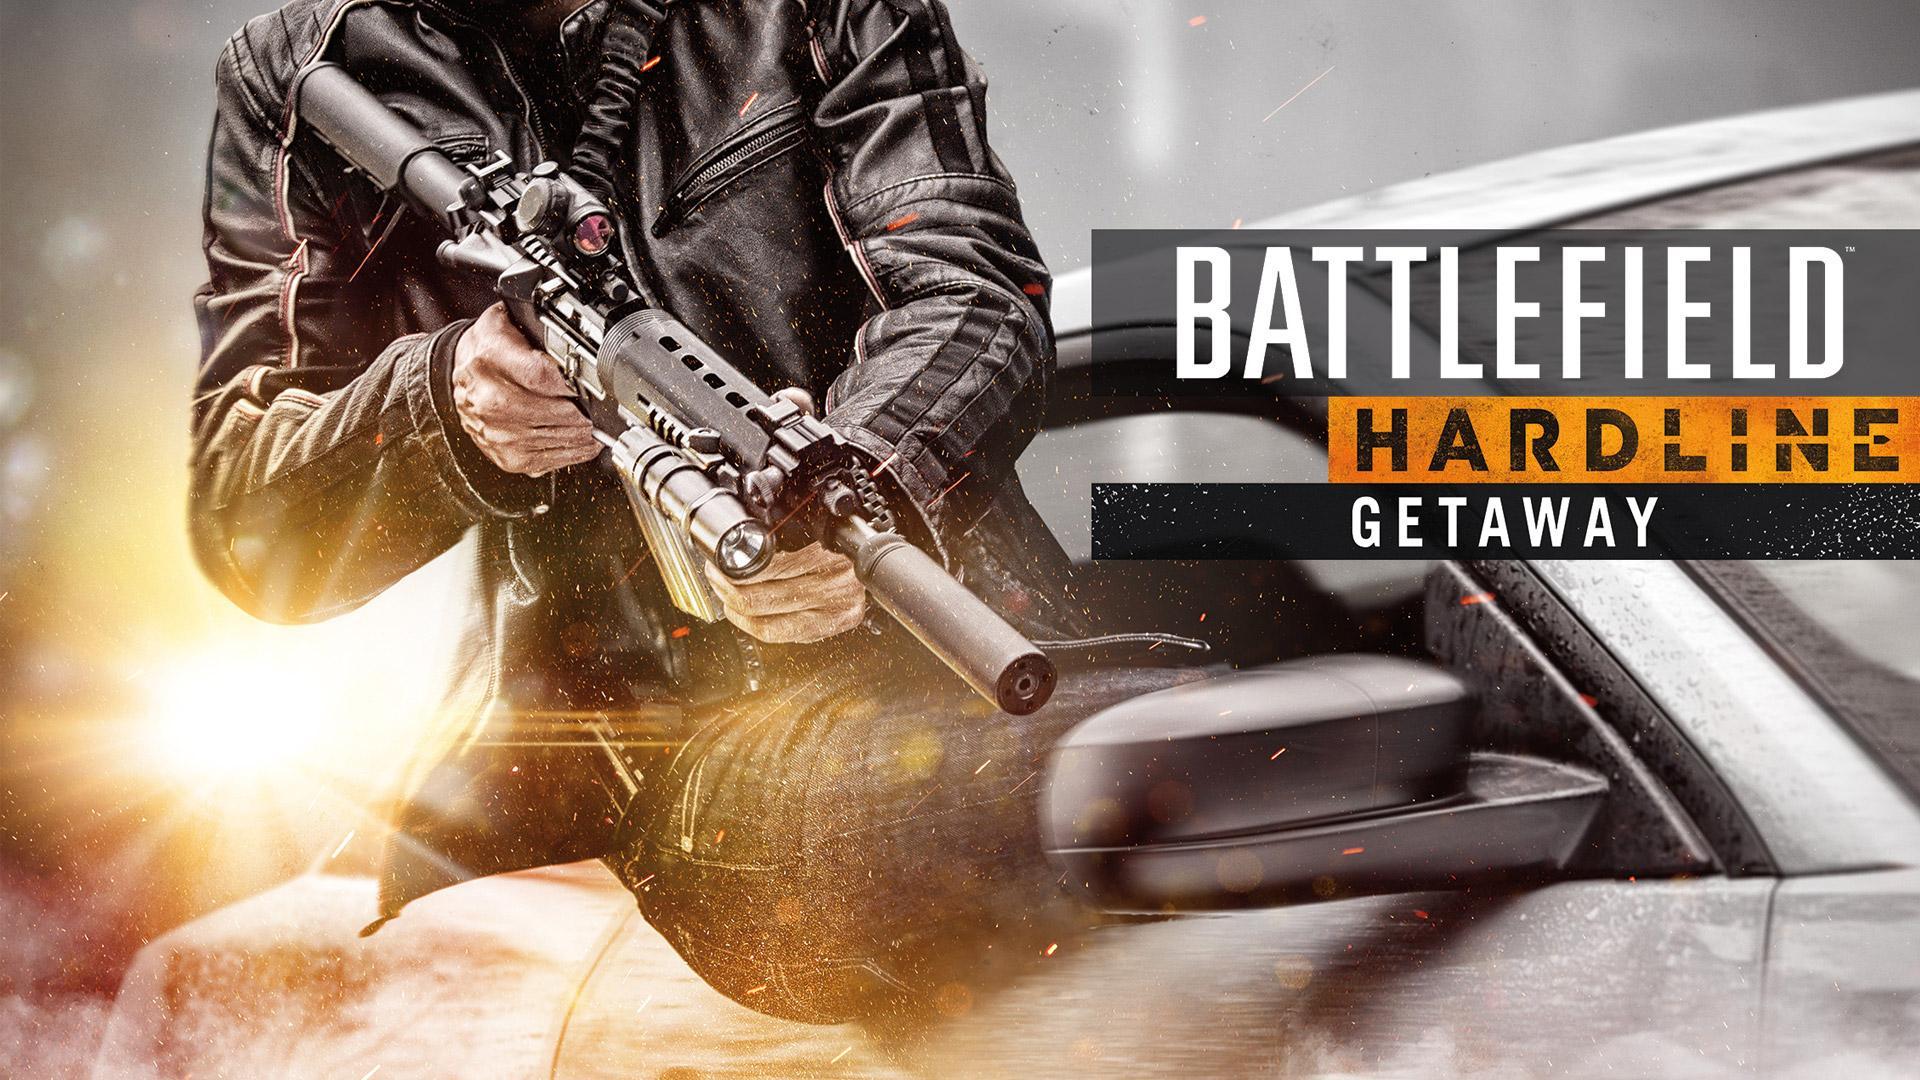 [Membres Gold] DLC Battlefield Hardline Getaway gratuit et jusqu'à 60% de réduction sur une sélection de jeux et DLC Xbox One et 360